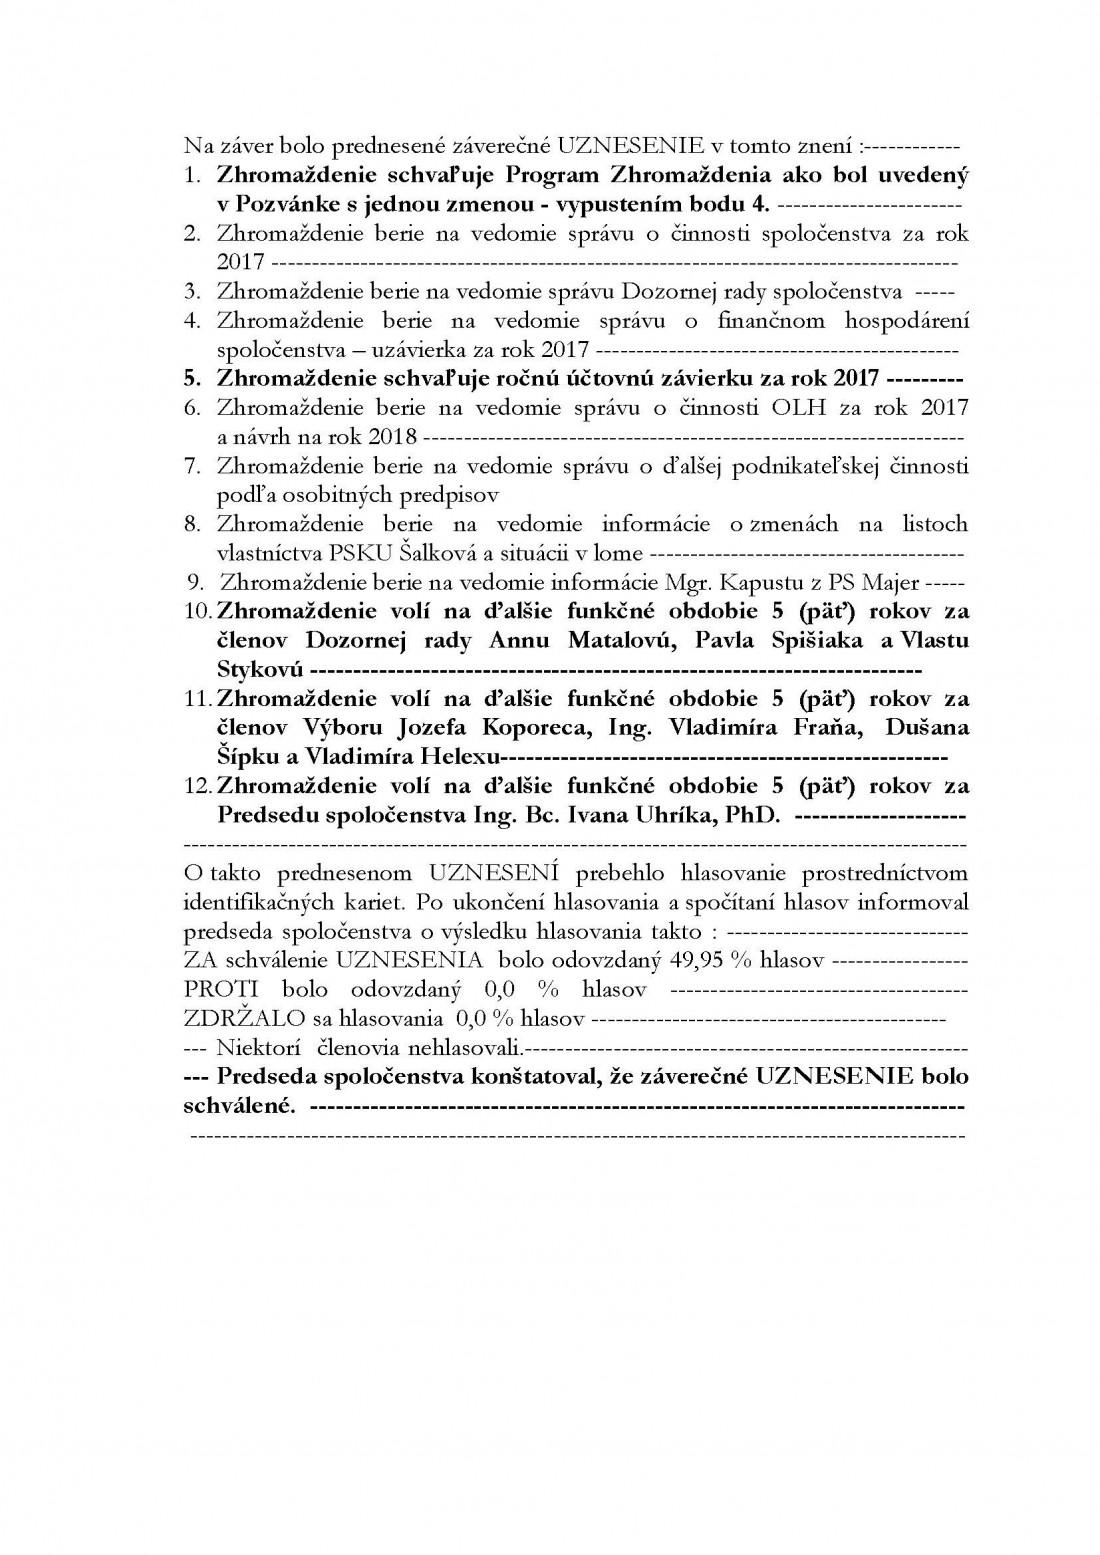 Uznesenie z VZ 5.5.2018